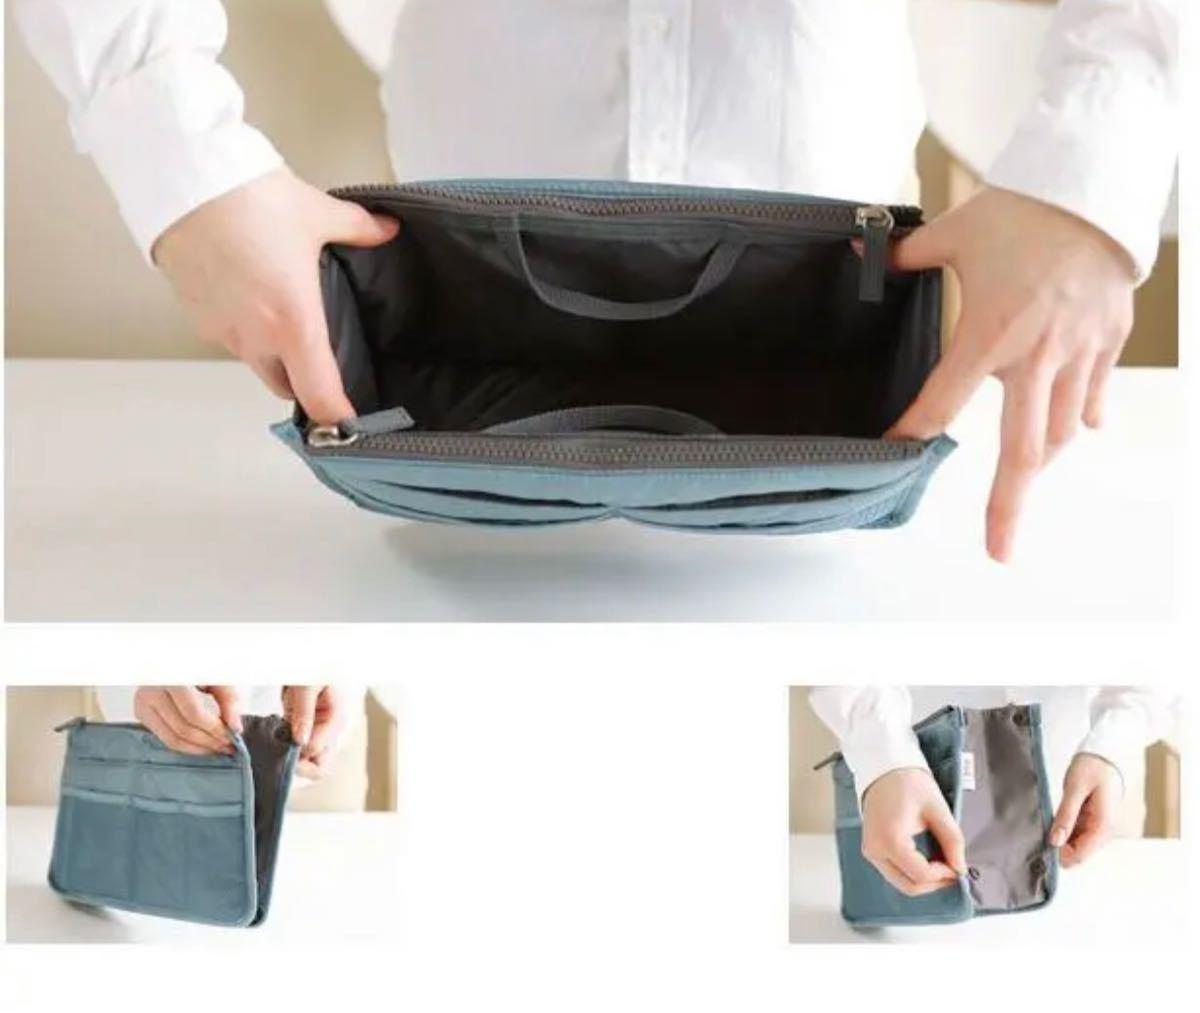 新品*バッグインバッグ  スカイブルー*収納 ポーチ バッグ 中身 整理 小物収納 インナーバッグ 化粧ポーチ